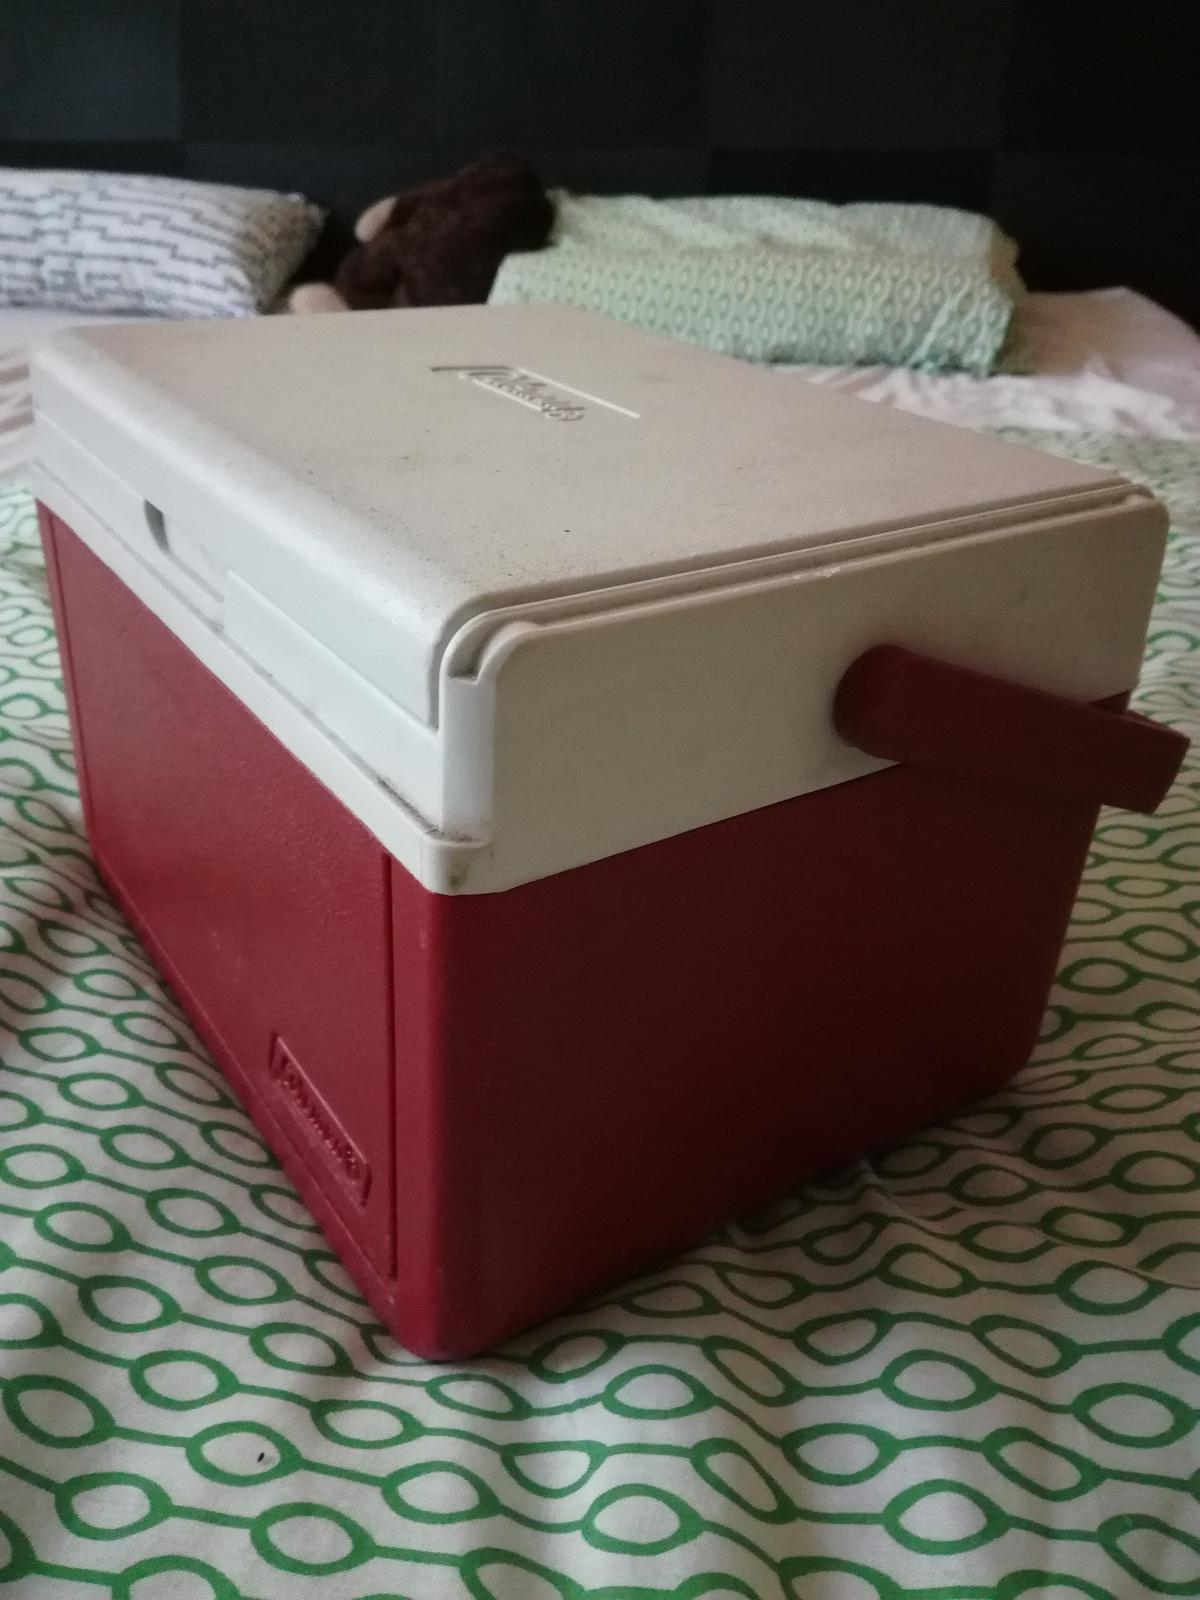 Chladiace krabice - Obrázok č. 1